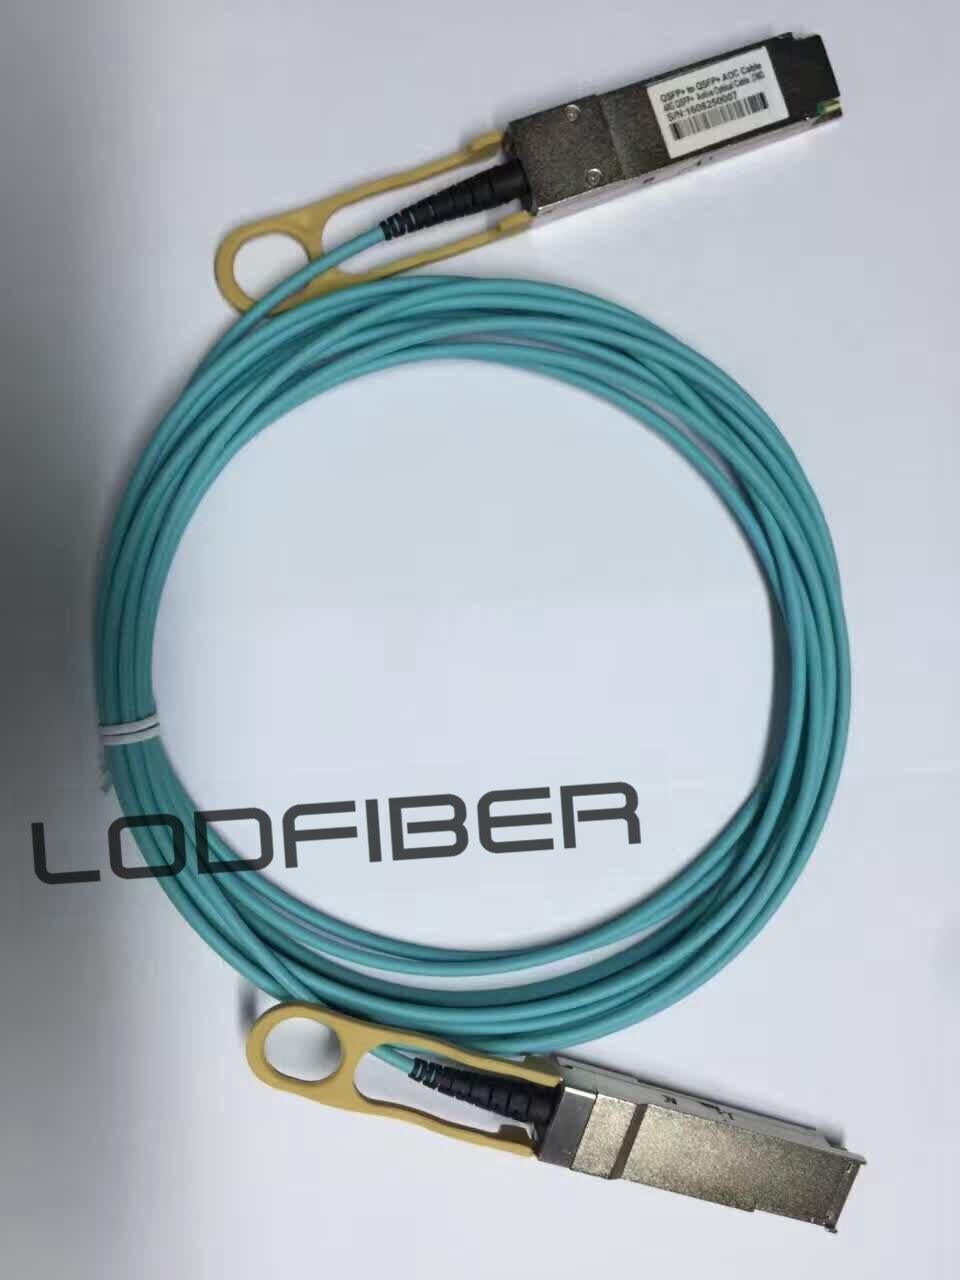 50 m (164ft) Avago AFBR-7QER50Z Uyumlu 40G QSFP + Aktif Optik Kablo50 m (164ft) Avago AFBR-7QER50Z Uyumlu 40G QSFP + Aktif Optik Kablo